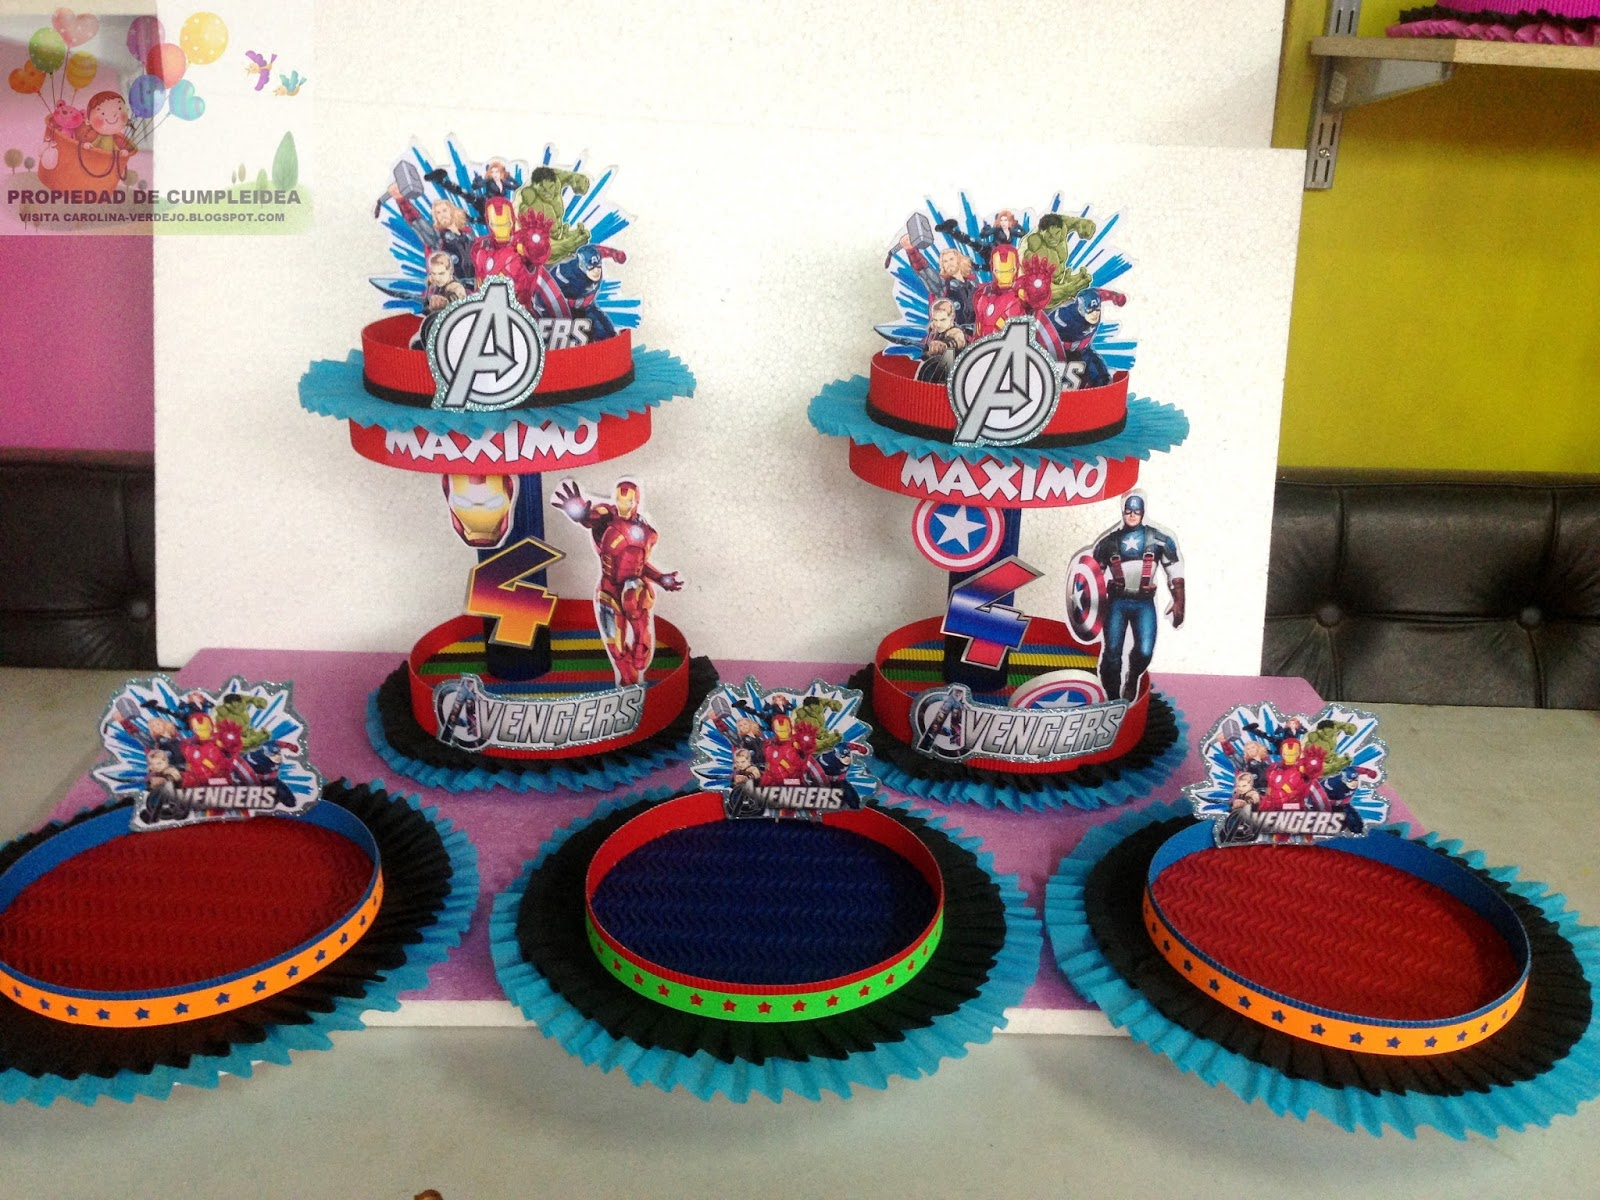 Decoraciones infantiles avengers for Decoraciones infantiles para ninos